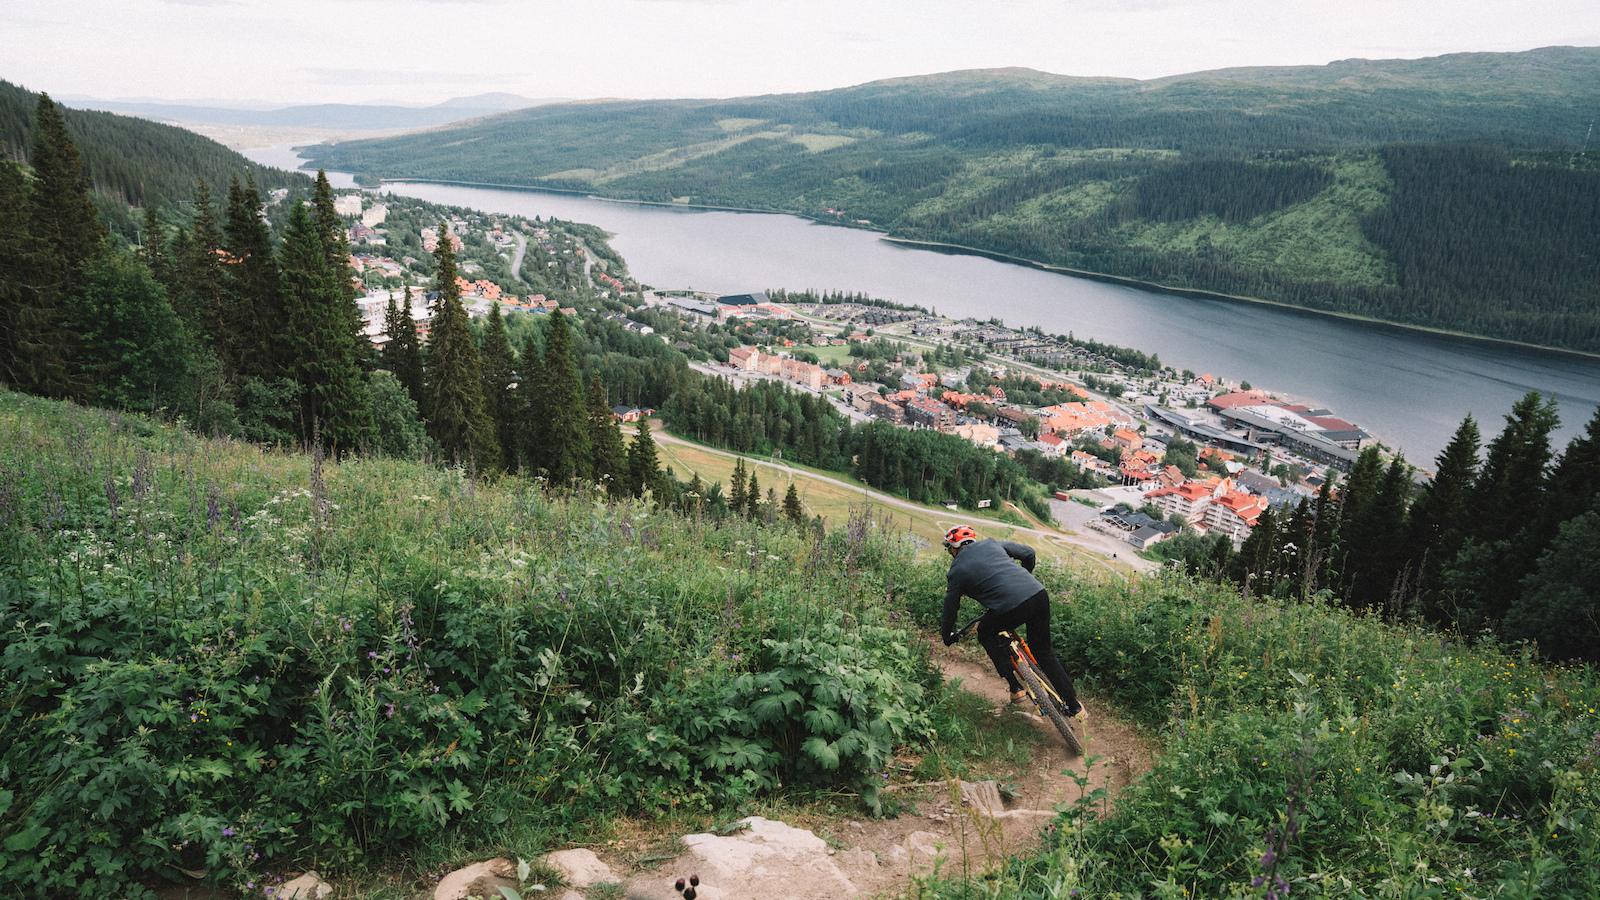 Photo Emrik Jansson